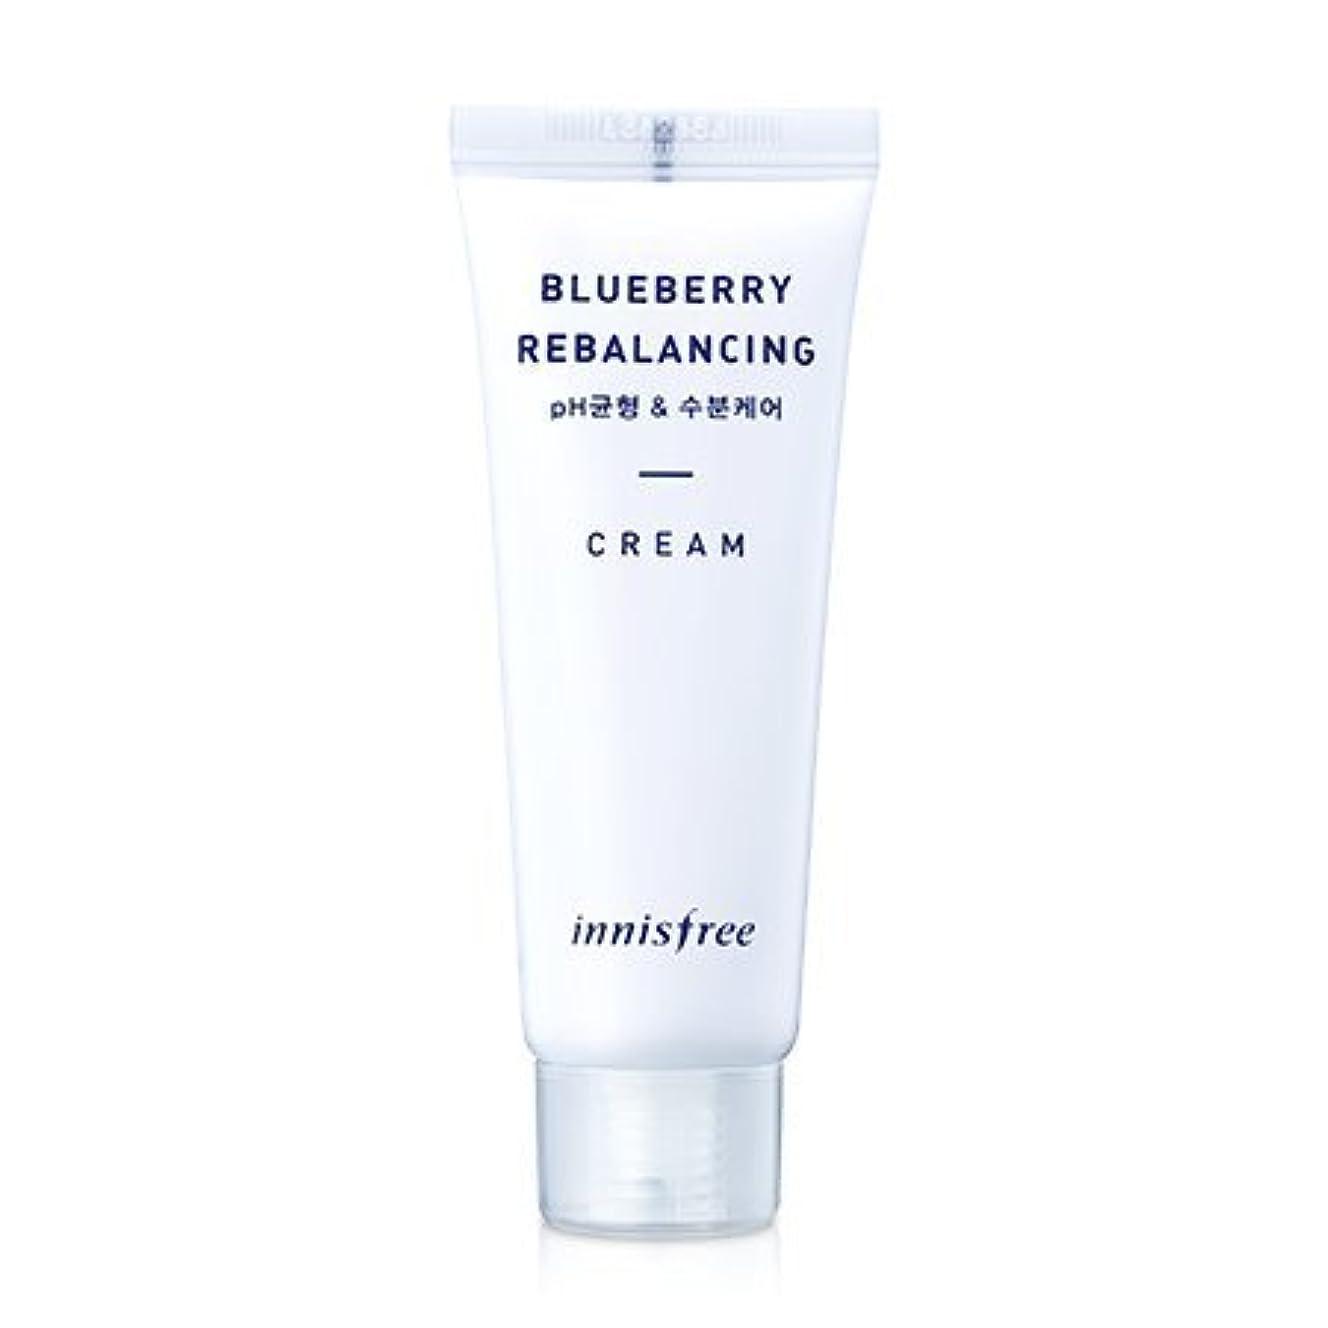 先住民シャツ文明化する[innisfree(イニスフリー)] Super food_ Blueberry rebalancing cream (50ml) スーパーフード_ブルーベリーリベルロンシンクリーム[並行輸入品][海外直送品]